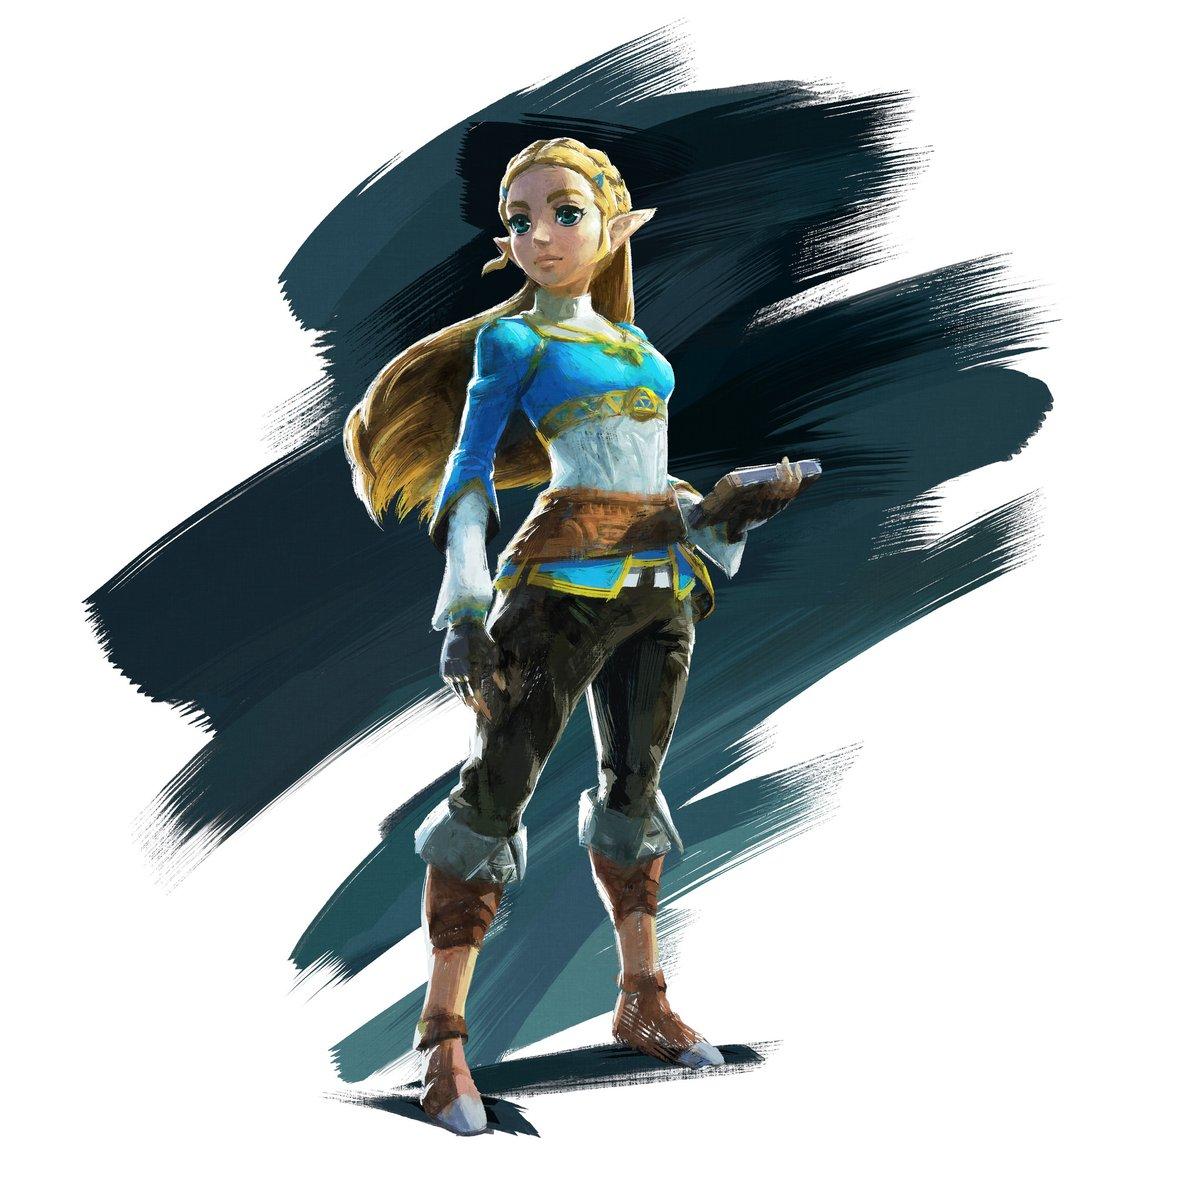 Art Of Zelda From Botw The Legend Of Zelda Breath Of The